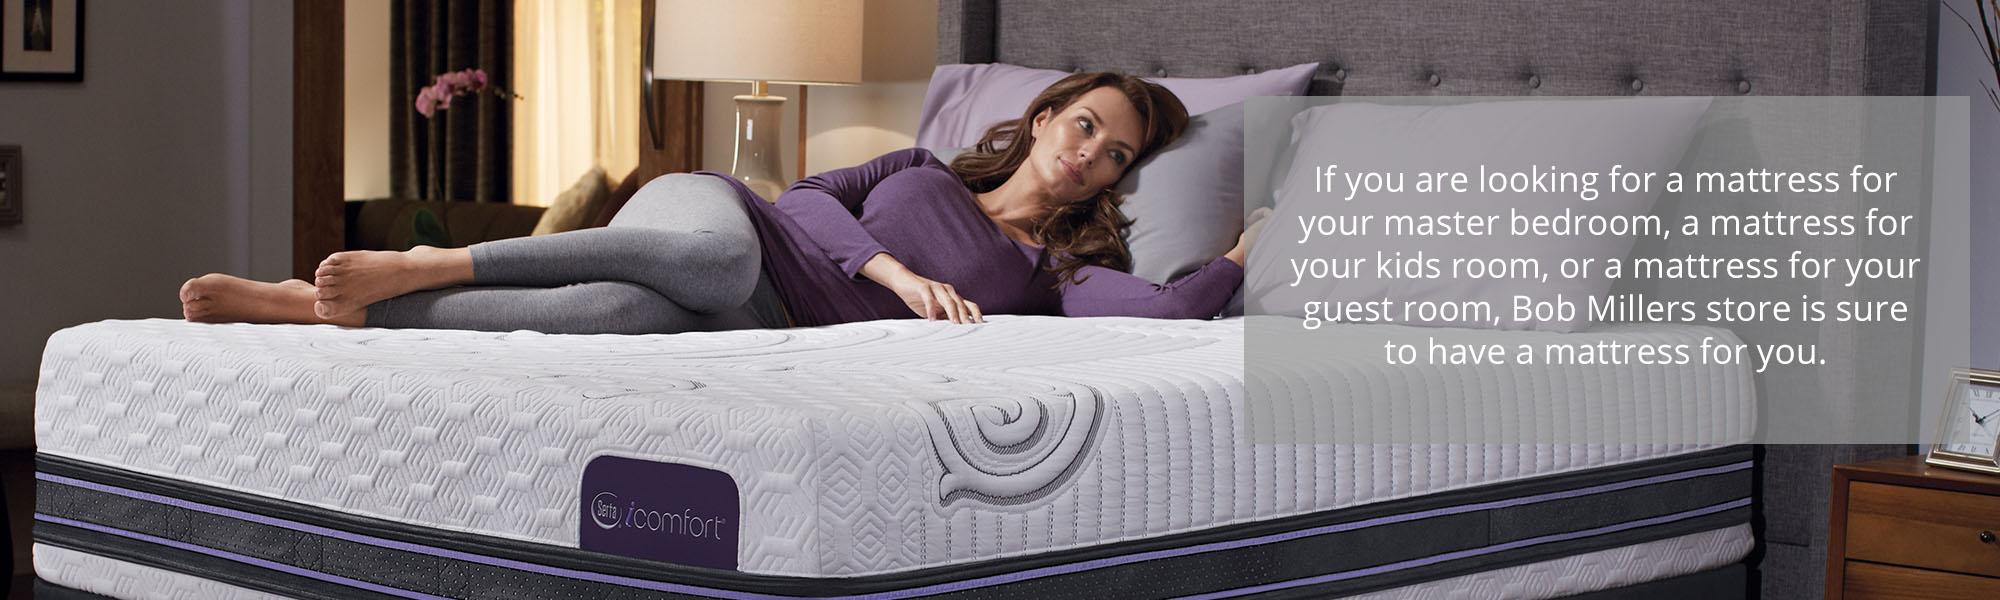 mattress page banner